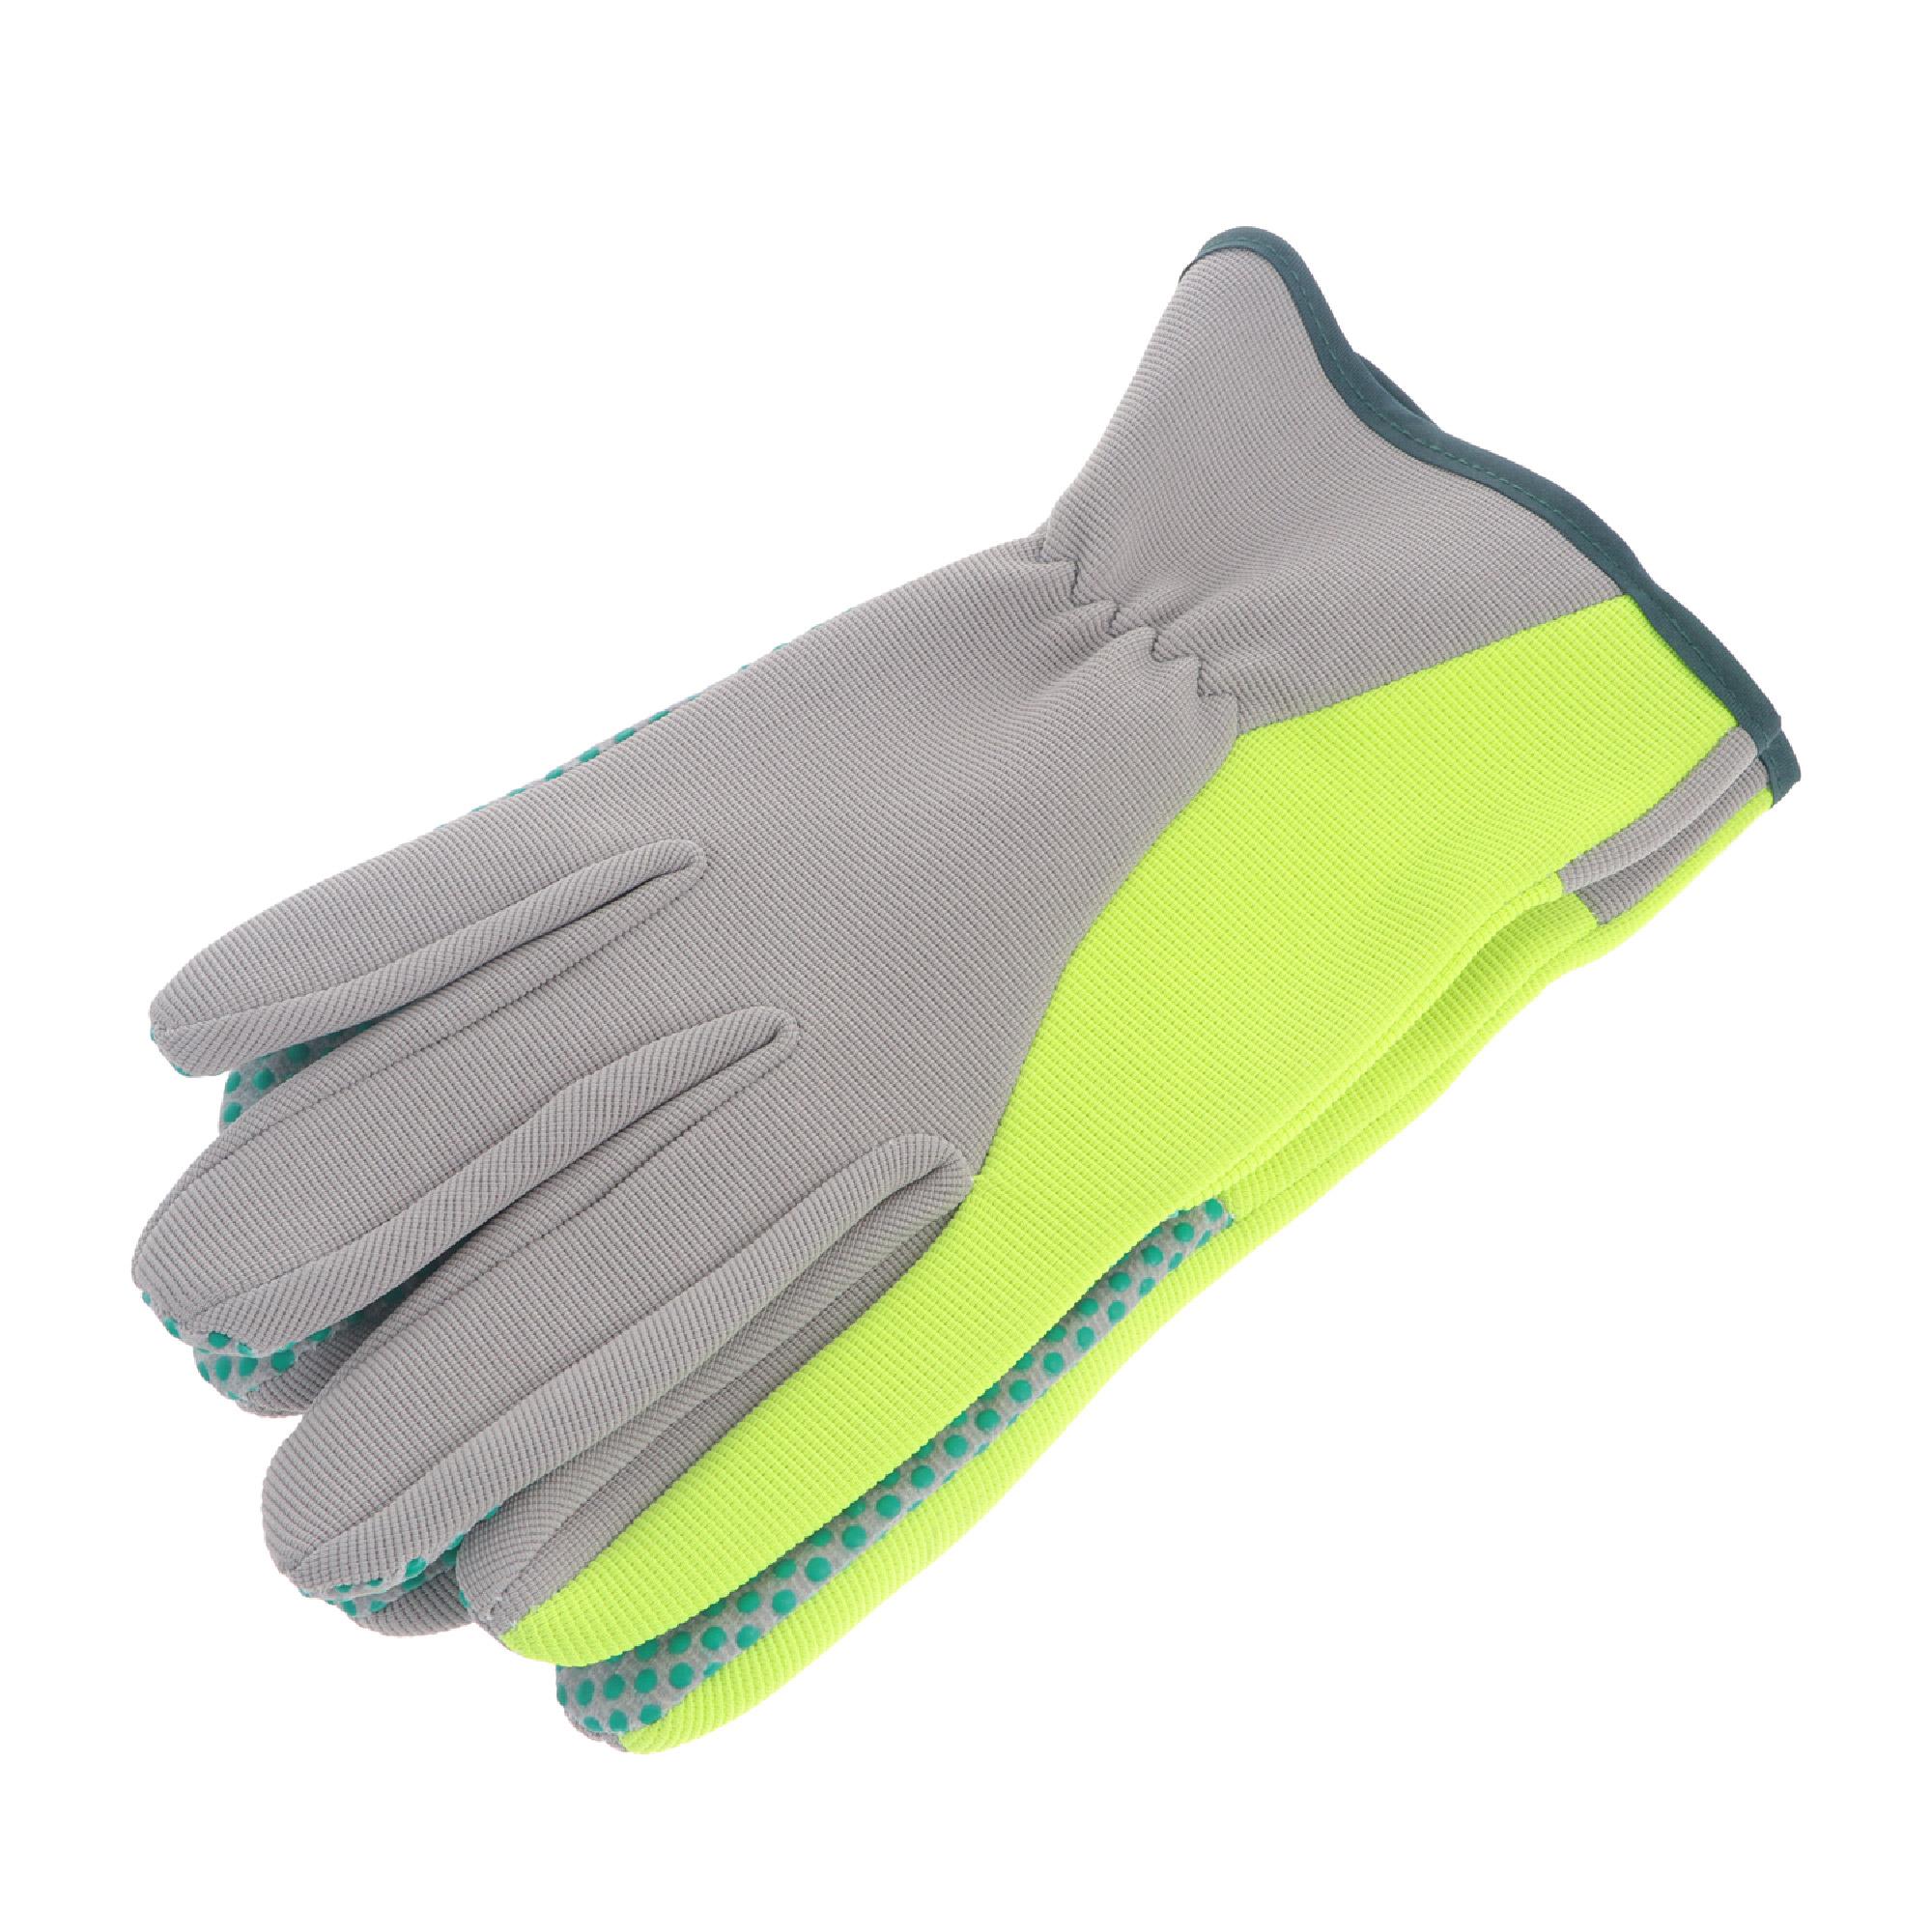 Фото - Перчатки садовые Verdemax серо-зеленые M перчатки садовые verdemax серо зеленые m